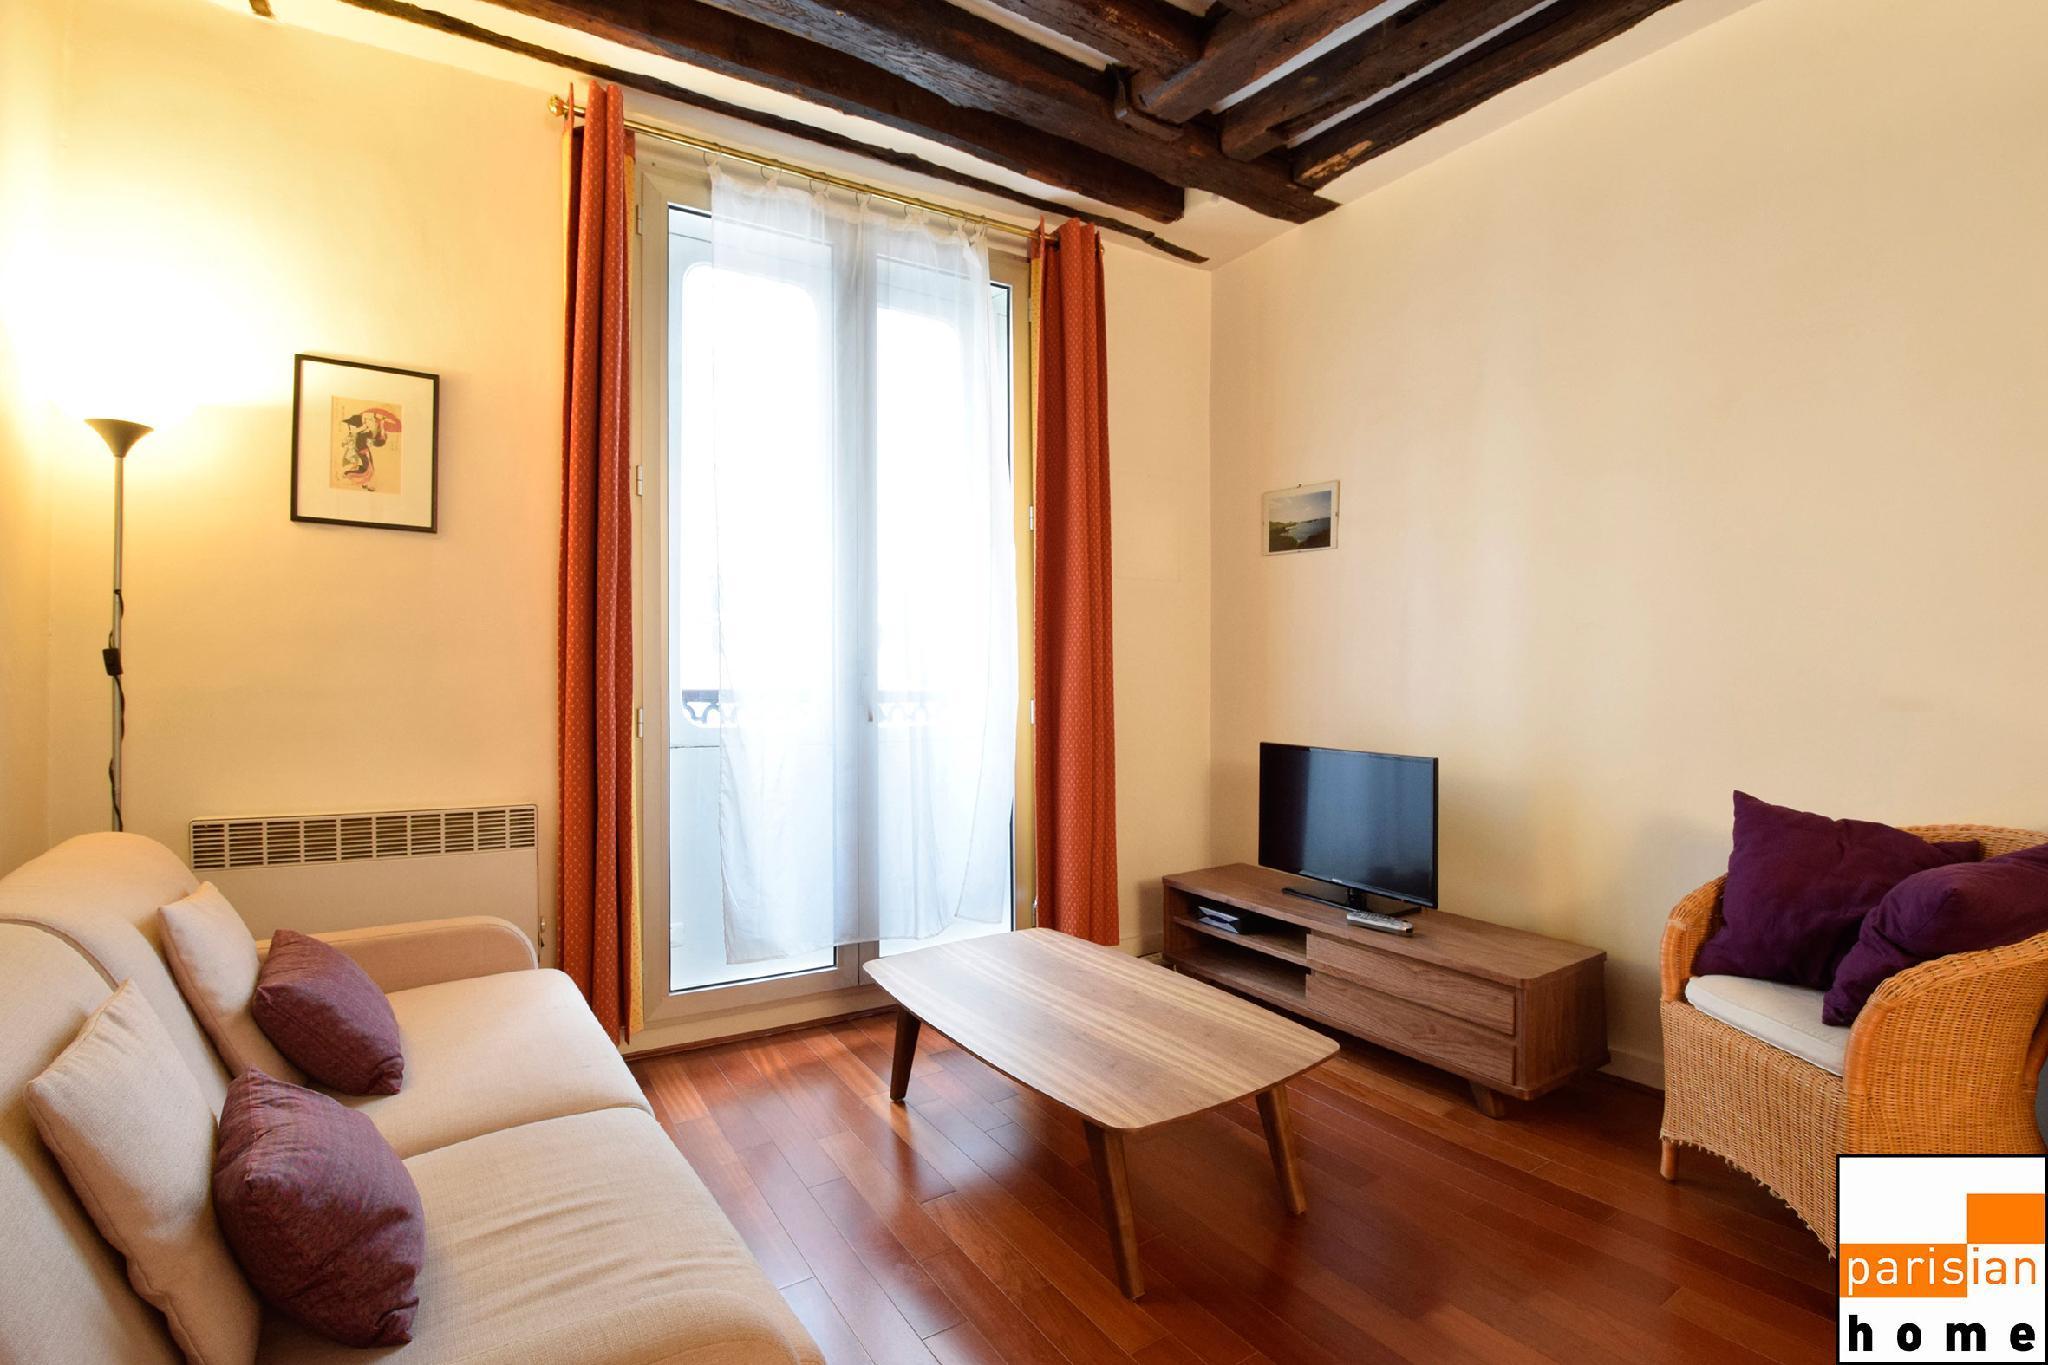 101093 - A large 2-room apartment on Rue Saint-Honoré, near Les Halles